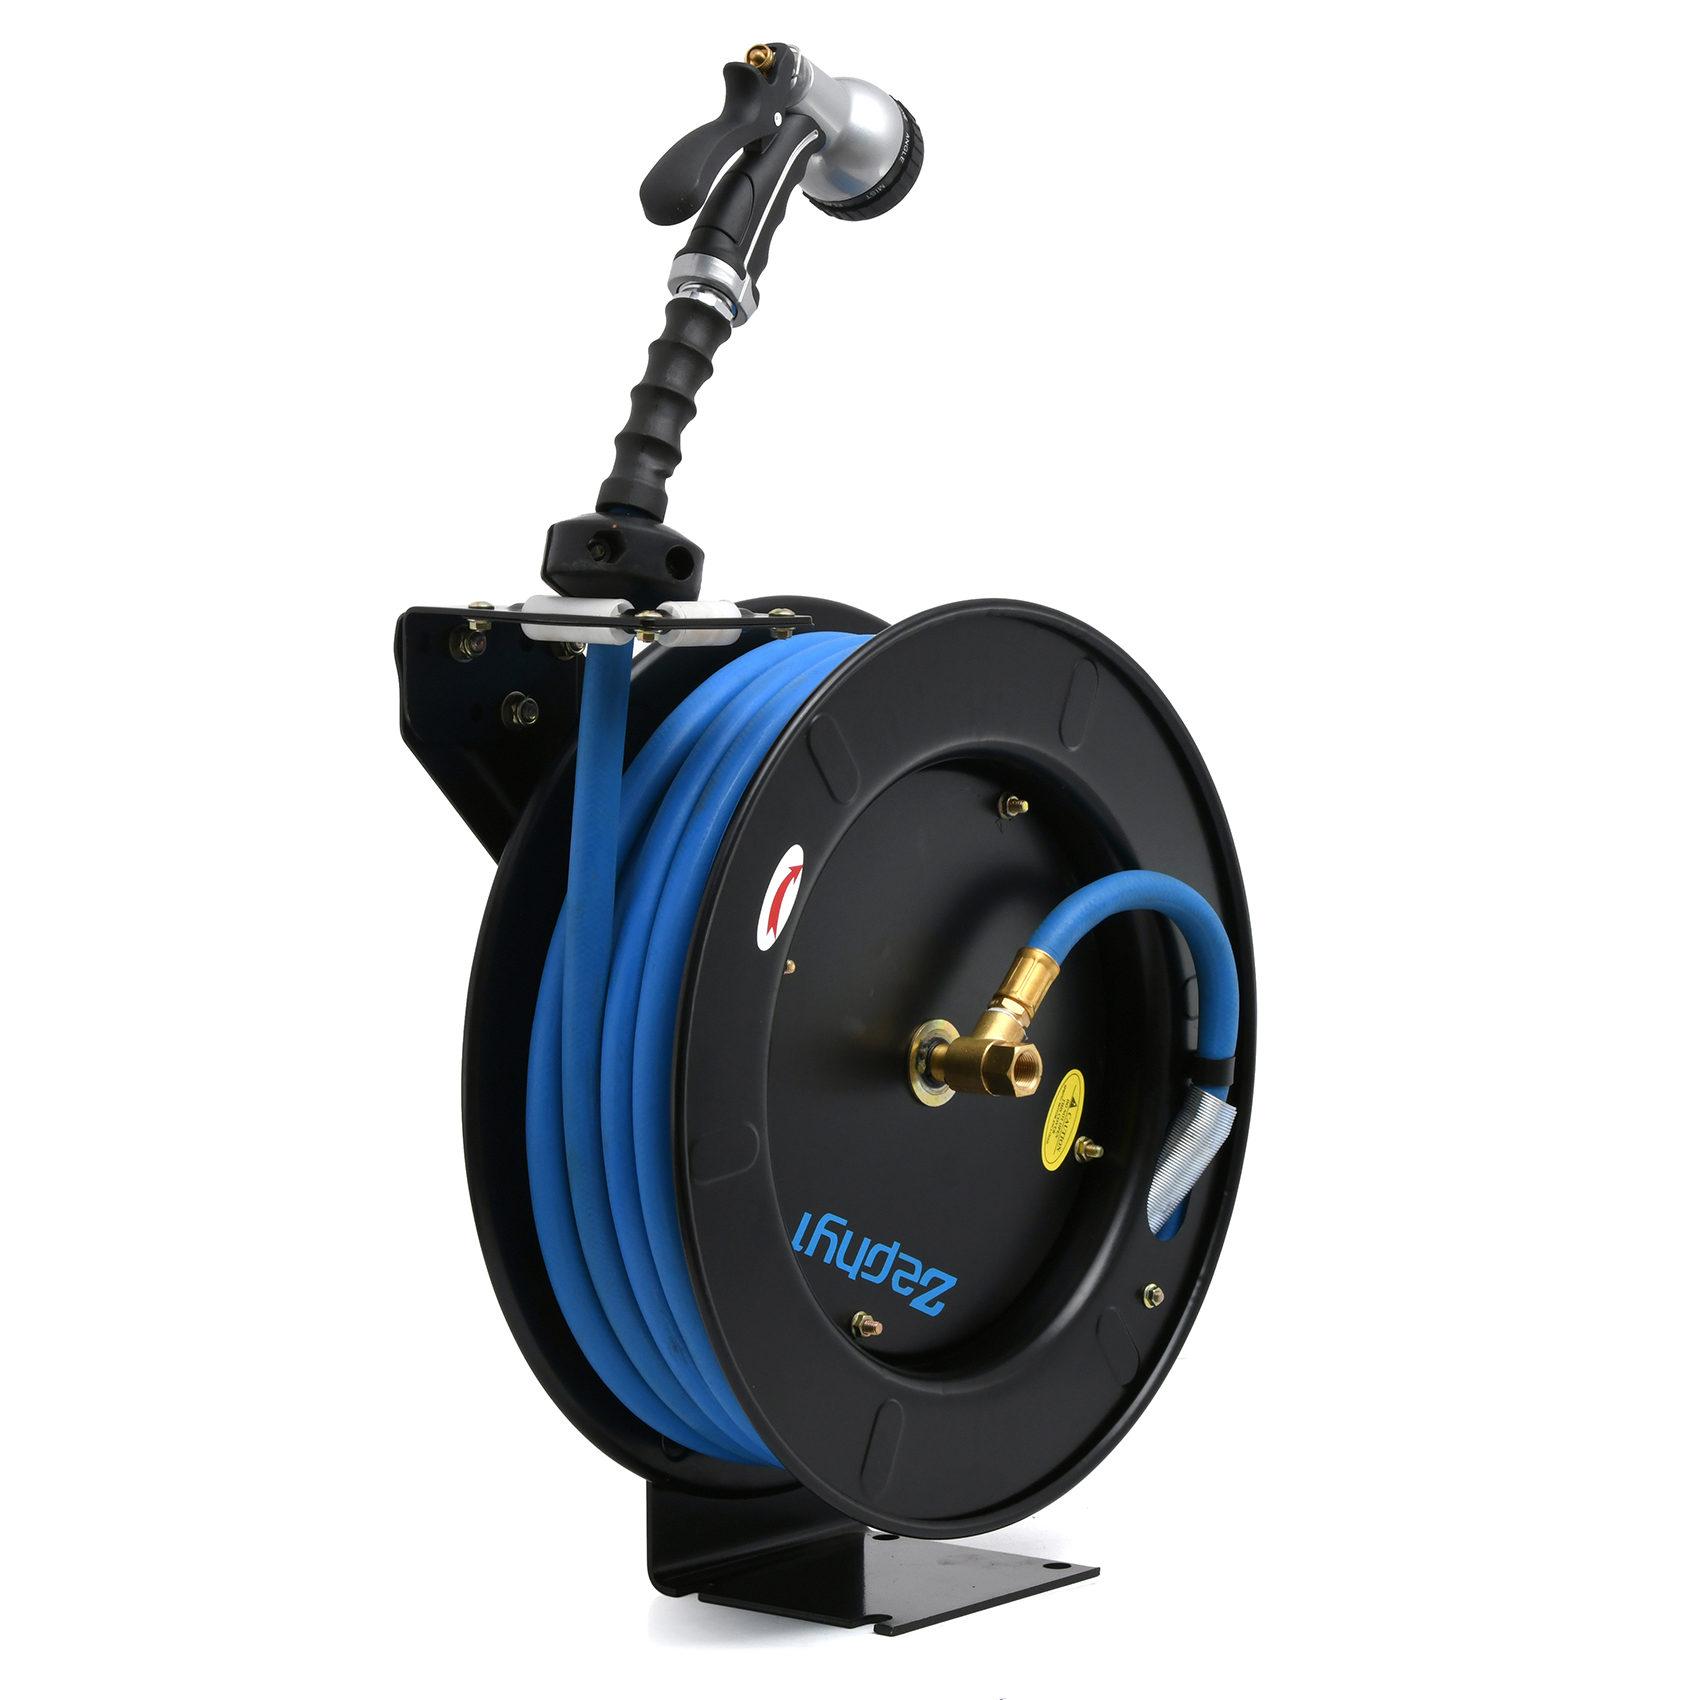 Auto Retractable Water Hose Reel